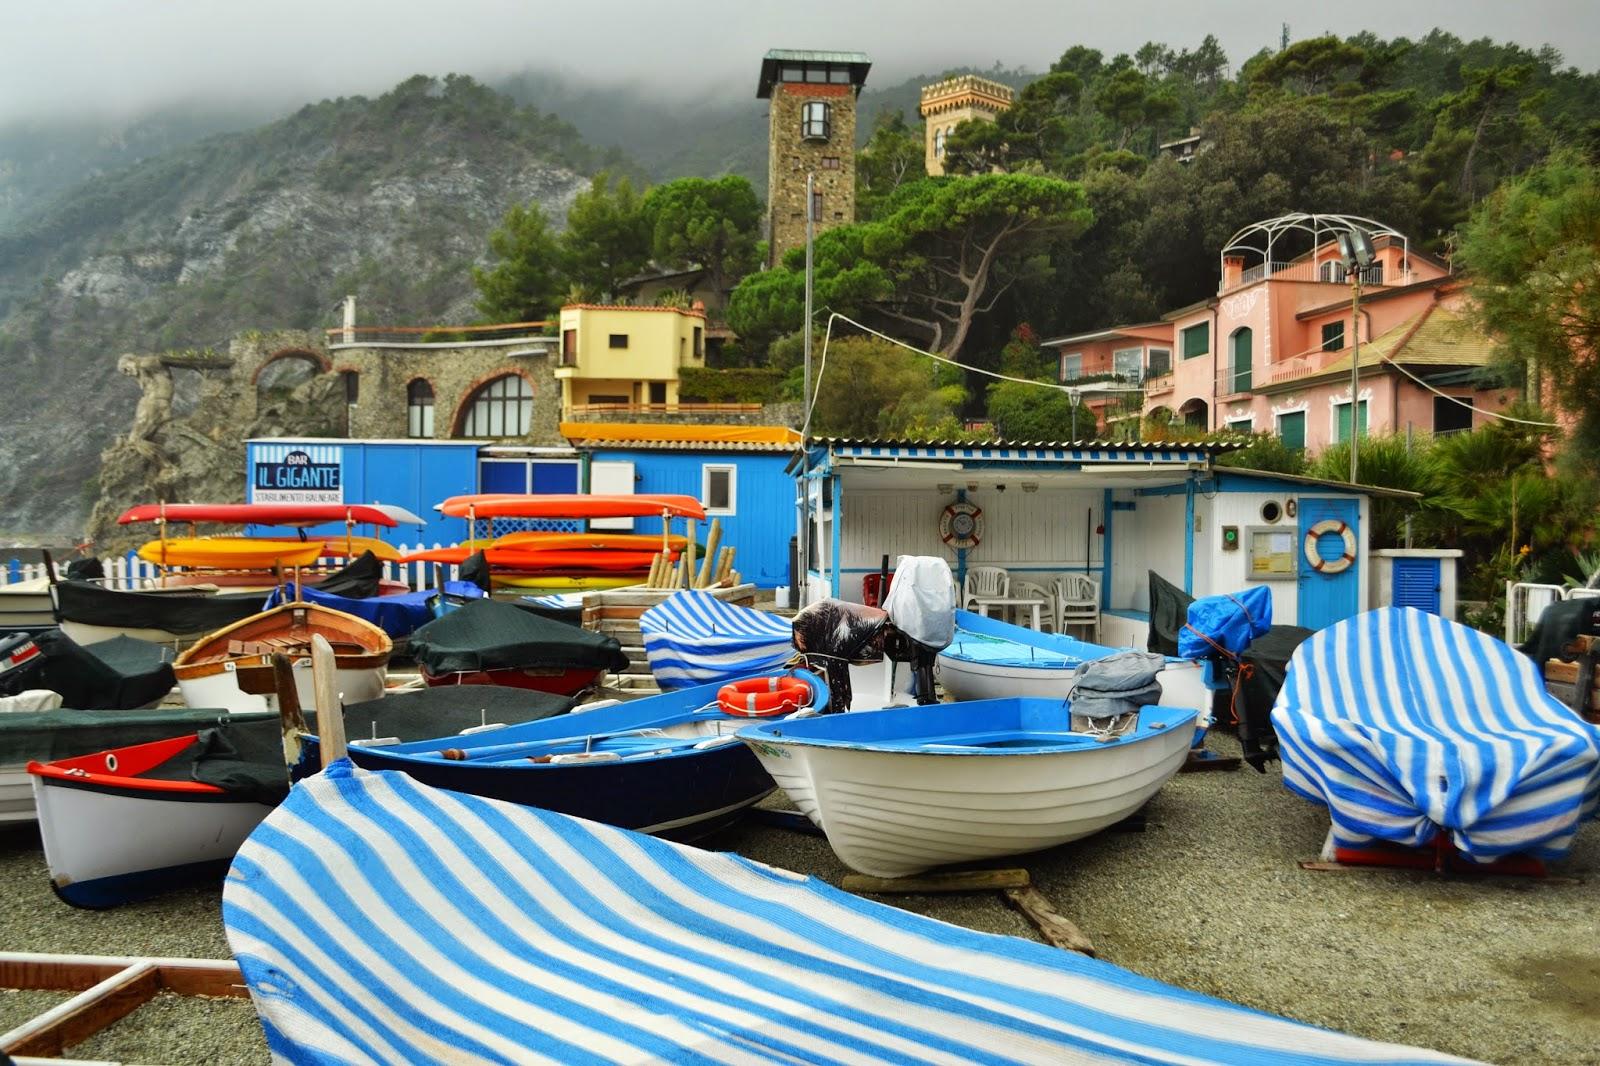 Cinque terre, monterrosso, colourful boats